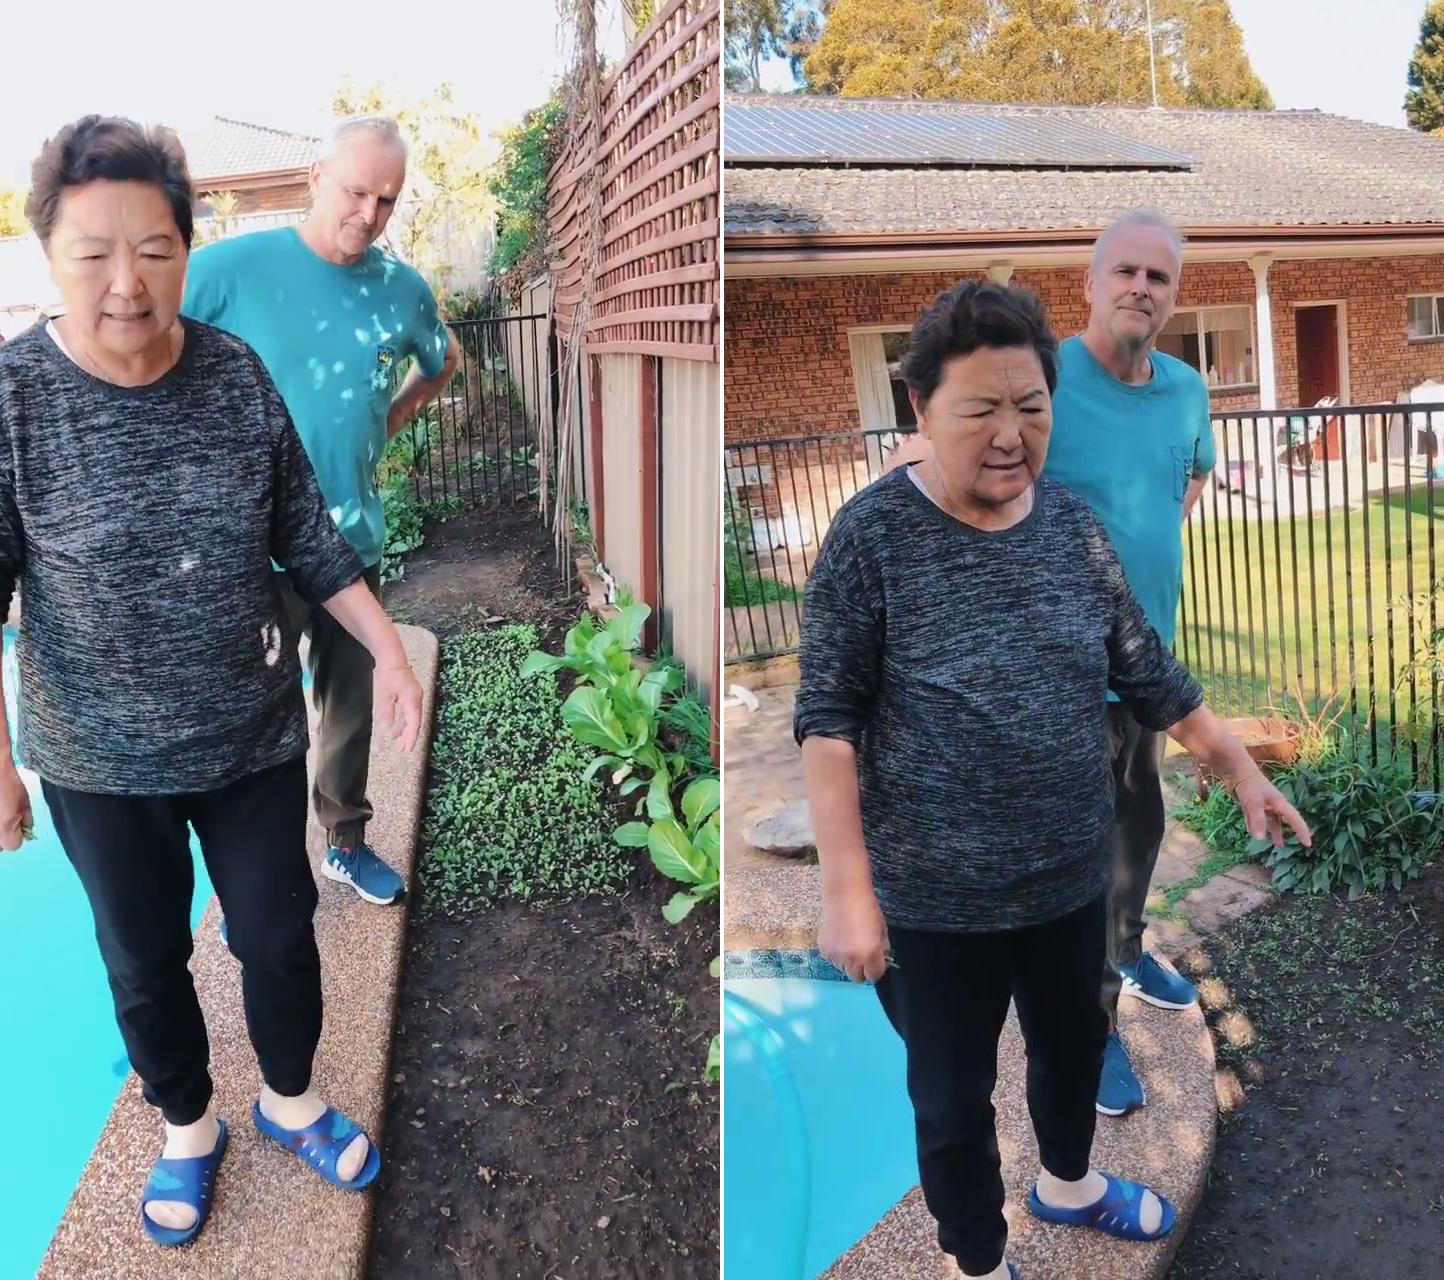 """丈母娘要回国了!把洋女婿拉到菜园前叮嘱看好蔬菜""""等我回来"""""""